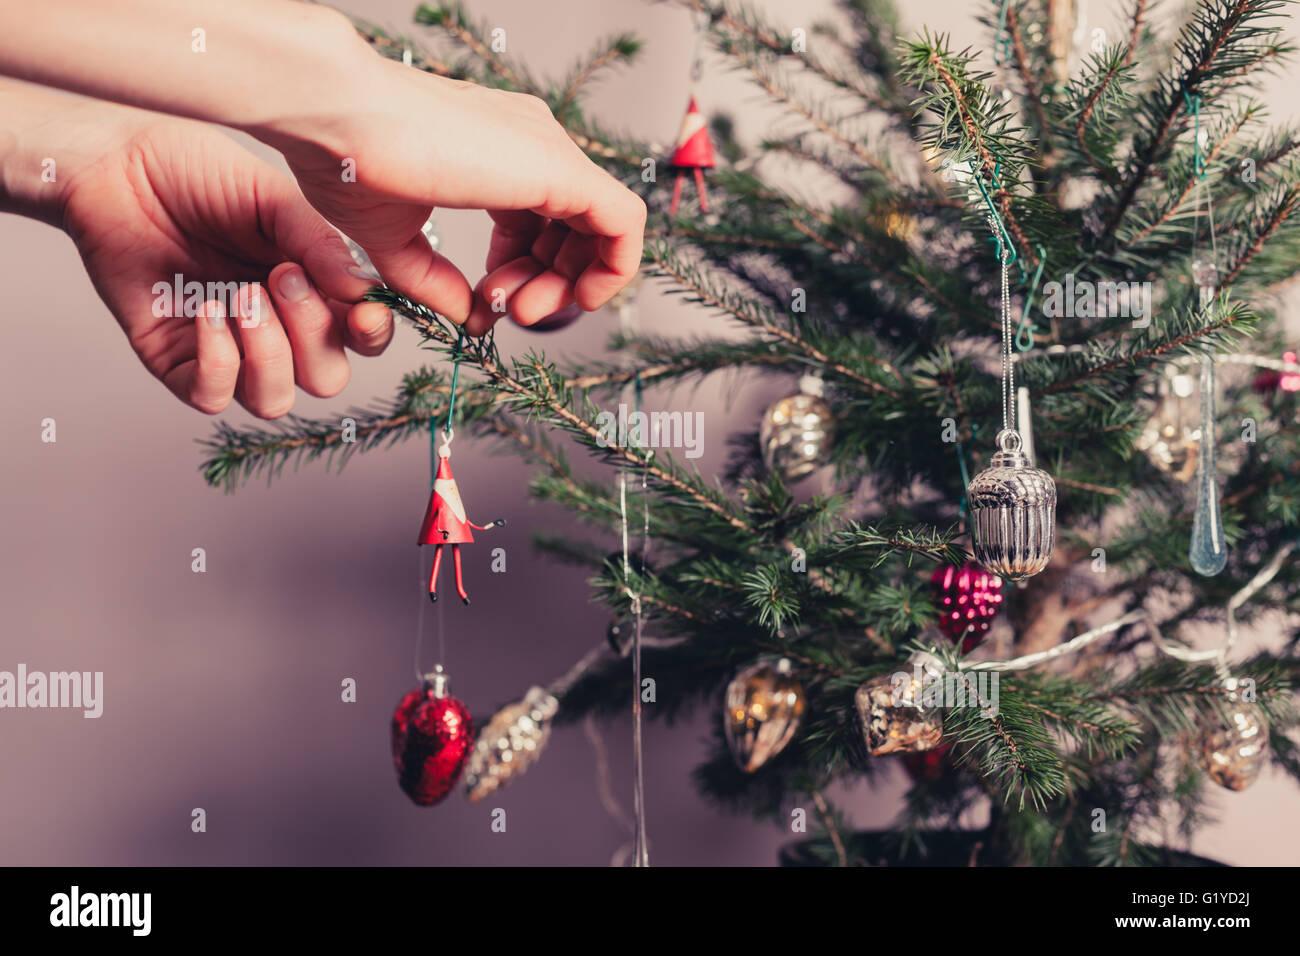 Le mani la decorazione di un albero di natale con tutti i tipi di cose colorate Immagini Stock